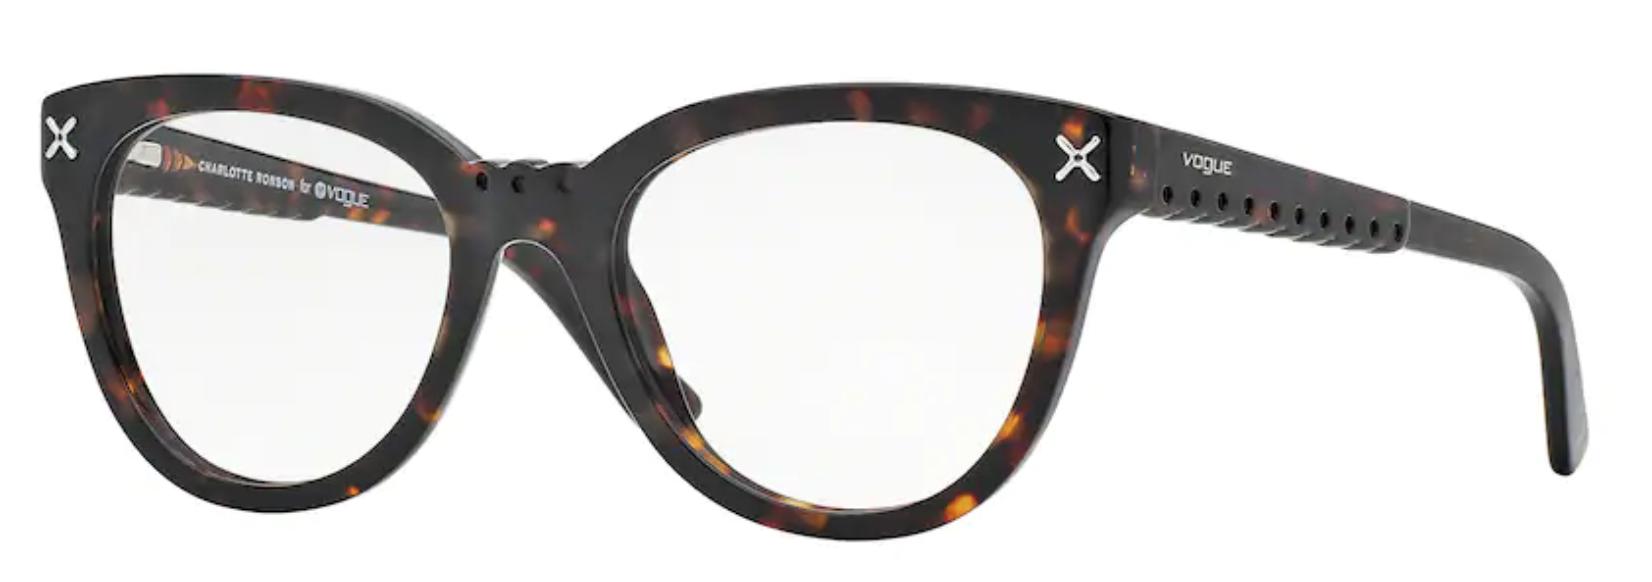 Óculos De Grau Vogue Charlotte Ronson VO2887 W656 Tam.51